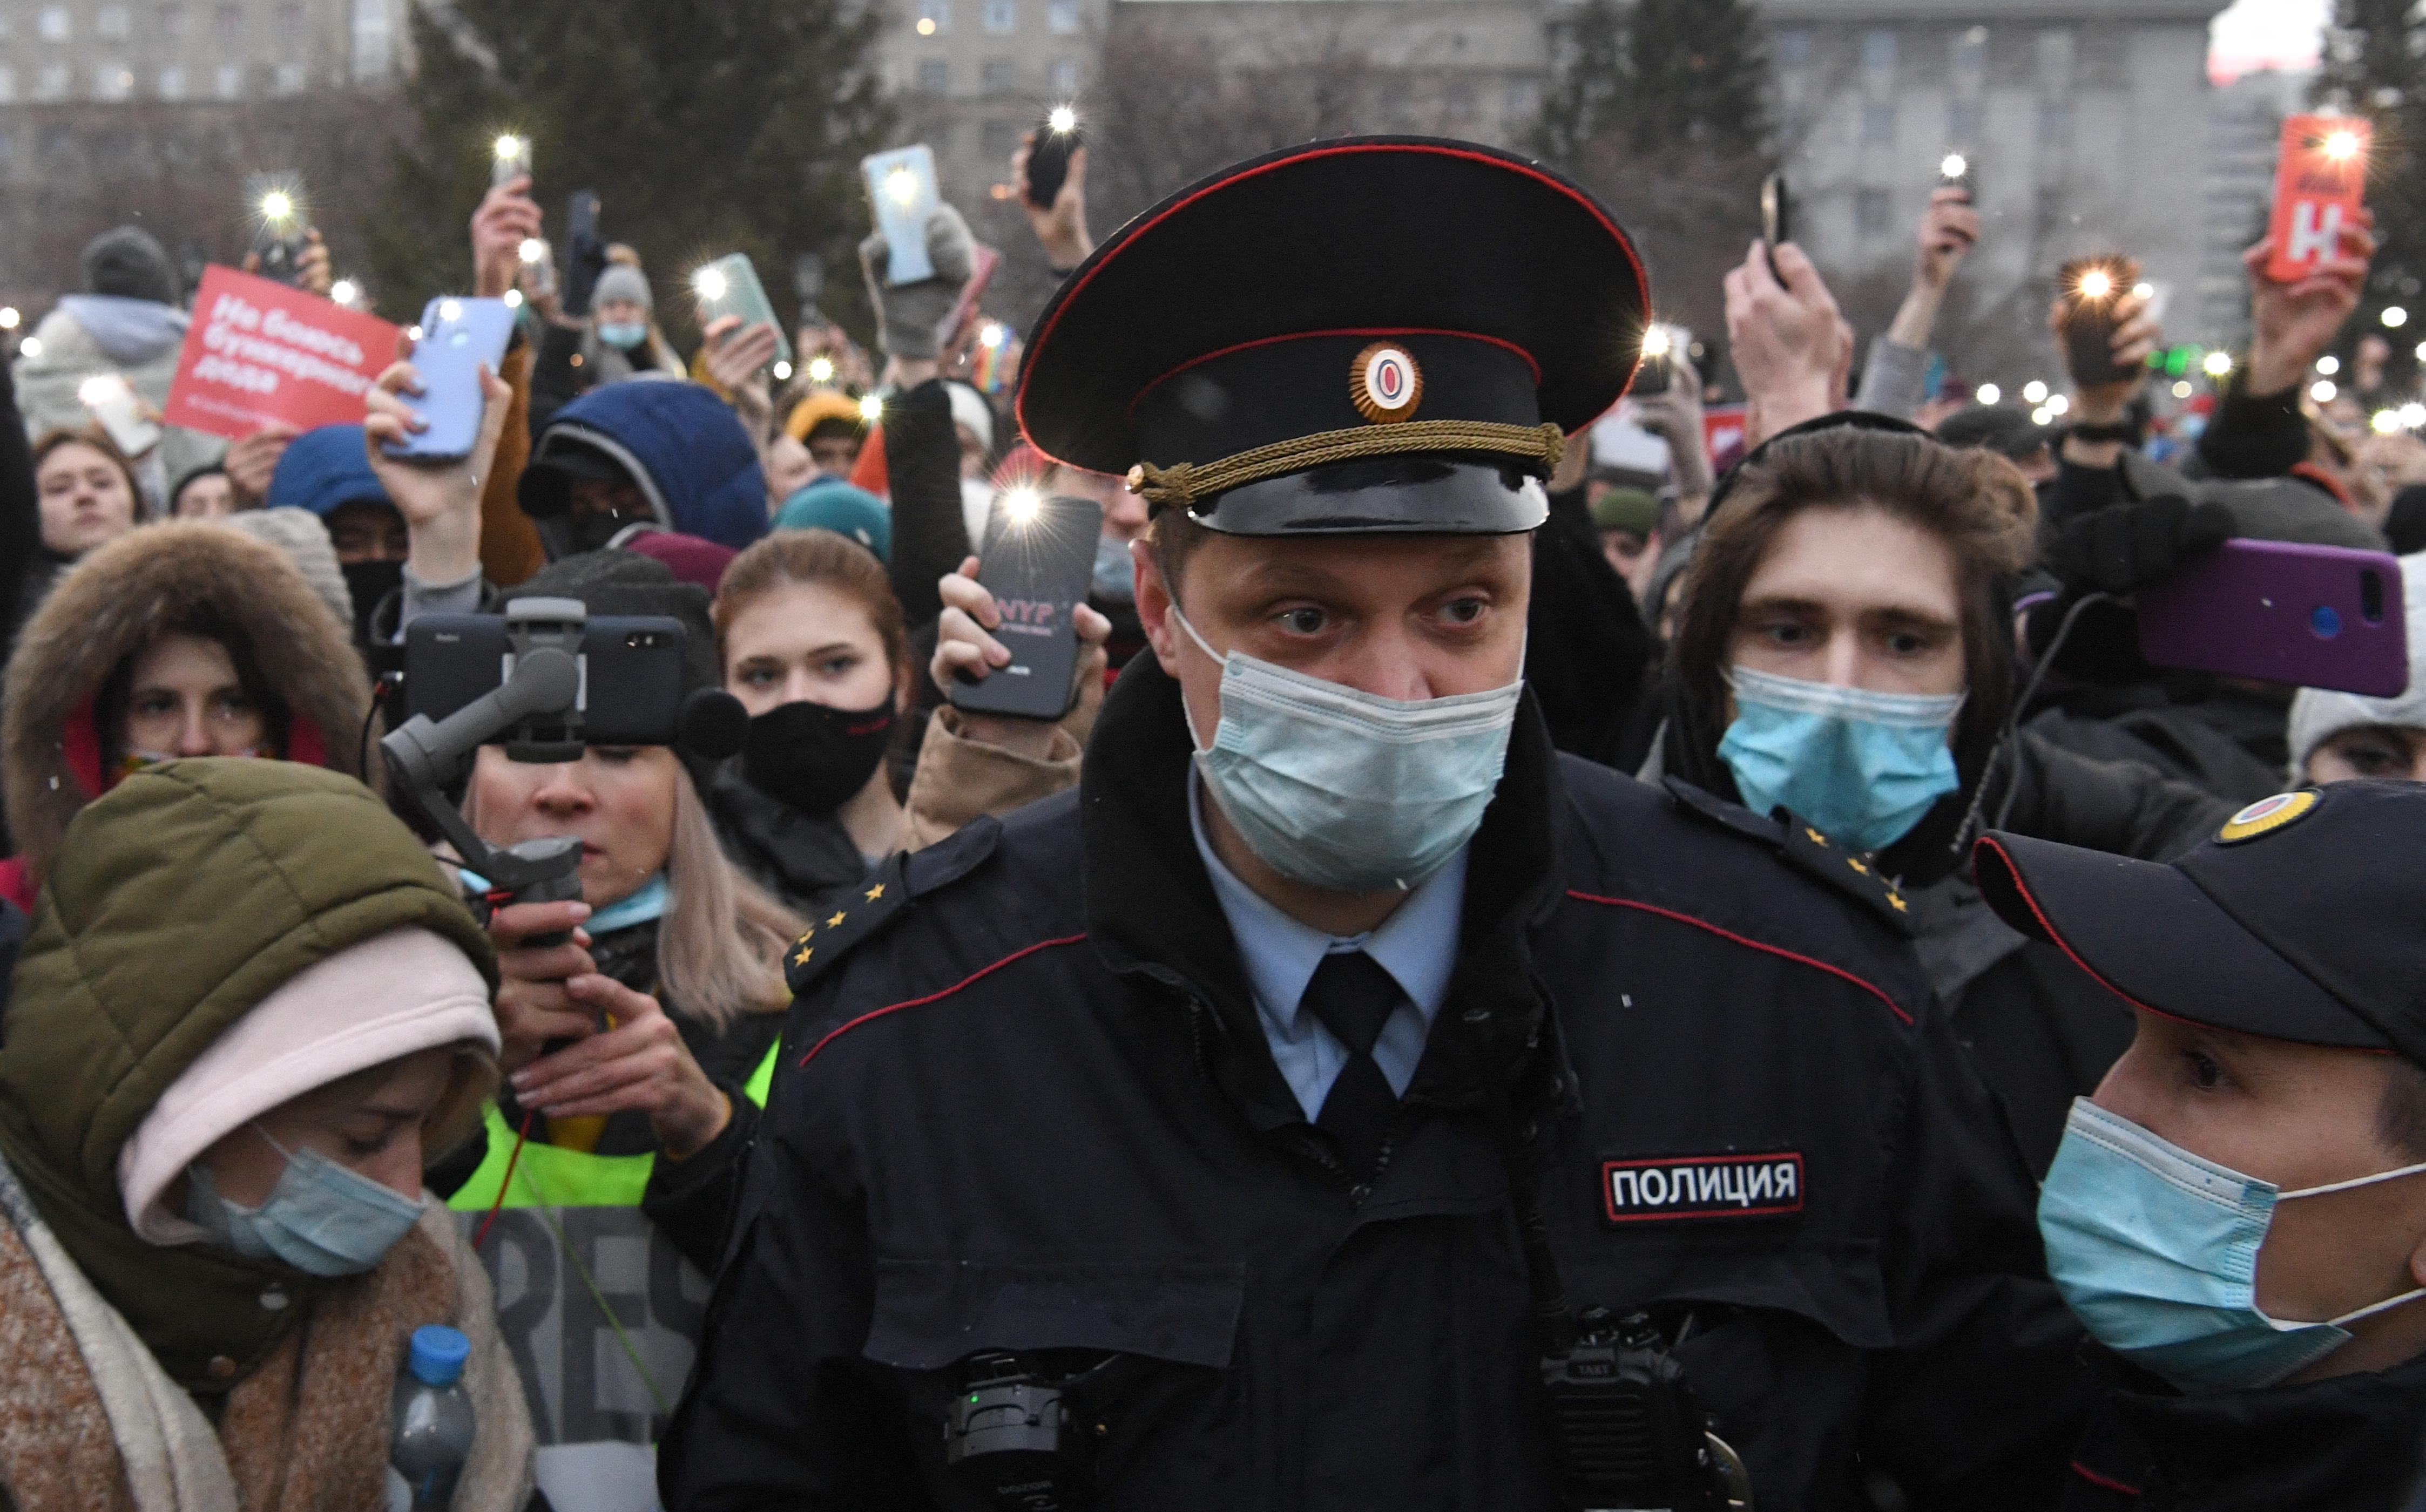 Oroszország-szerte tüntetnek Navalnij mellett, már 285 embert őrizetbe vettek